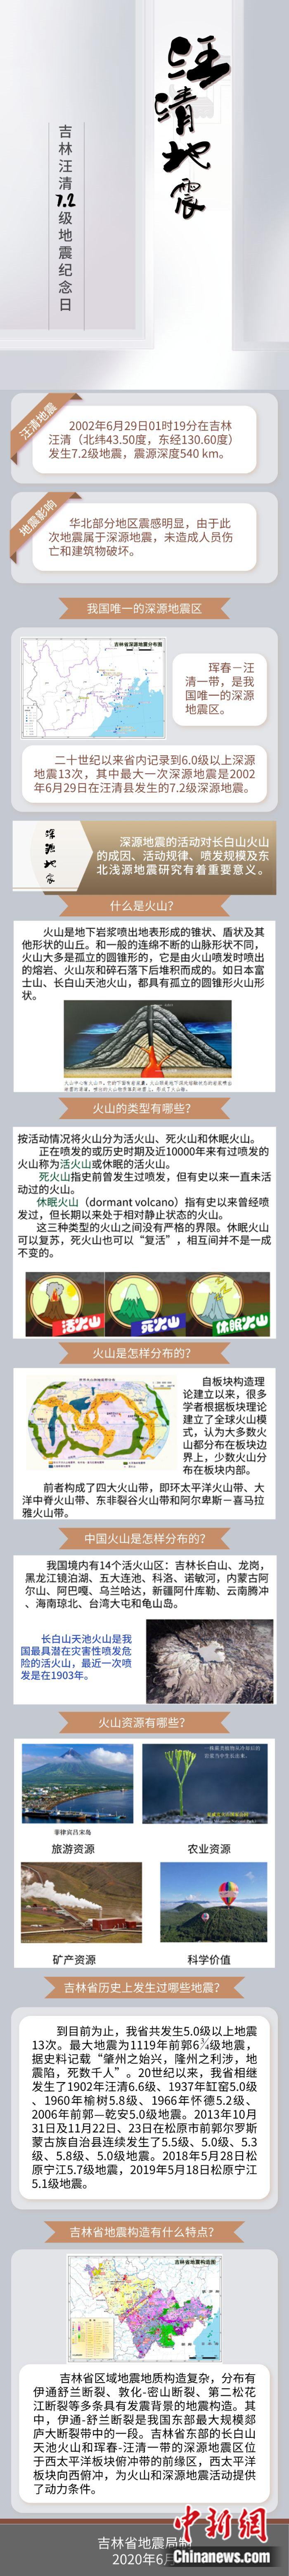 吉林汪清7.2级深震18周年:中国持续加强地震与火山监测研究